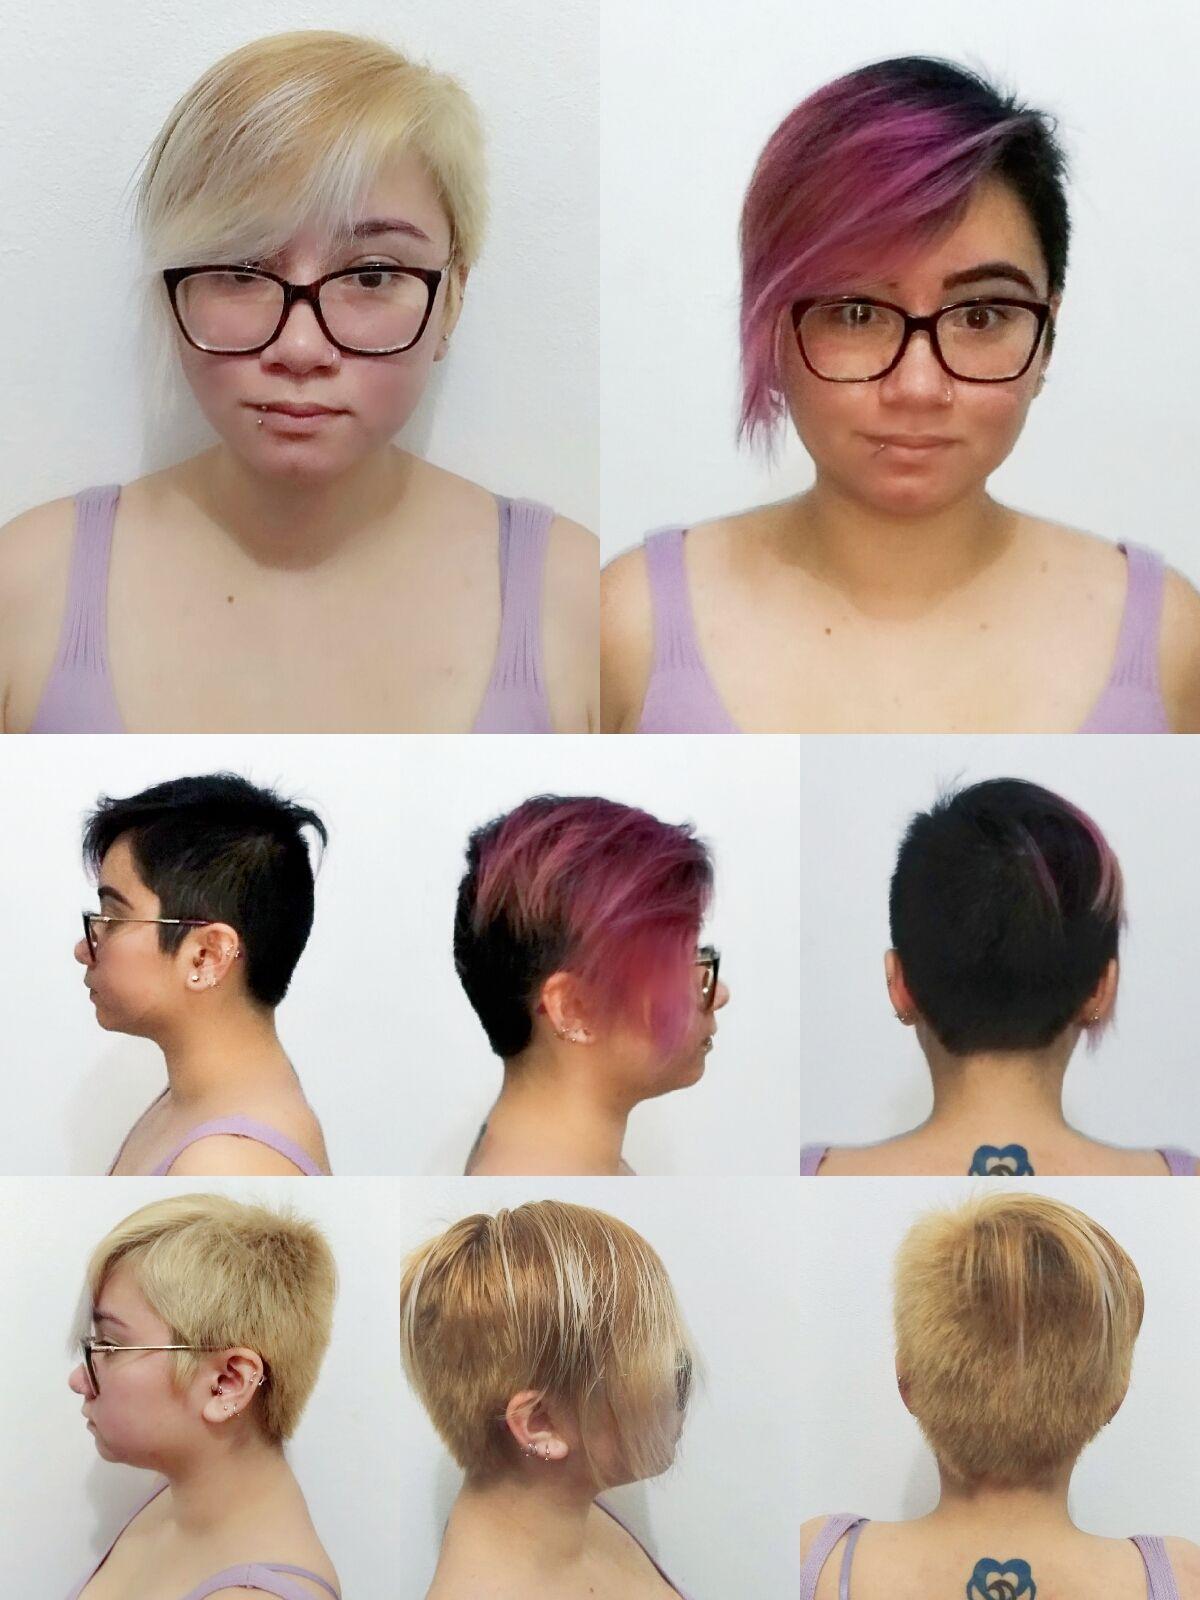 30 dias - antes e depois